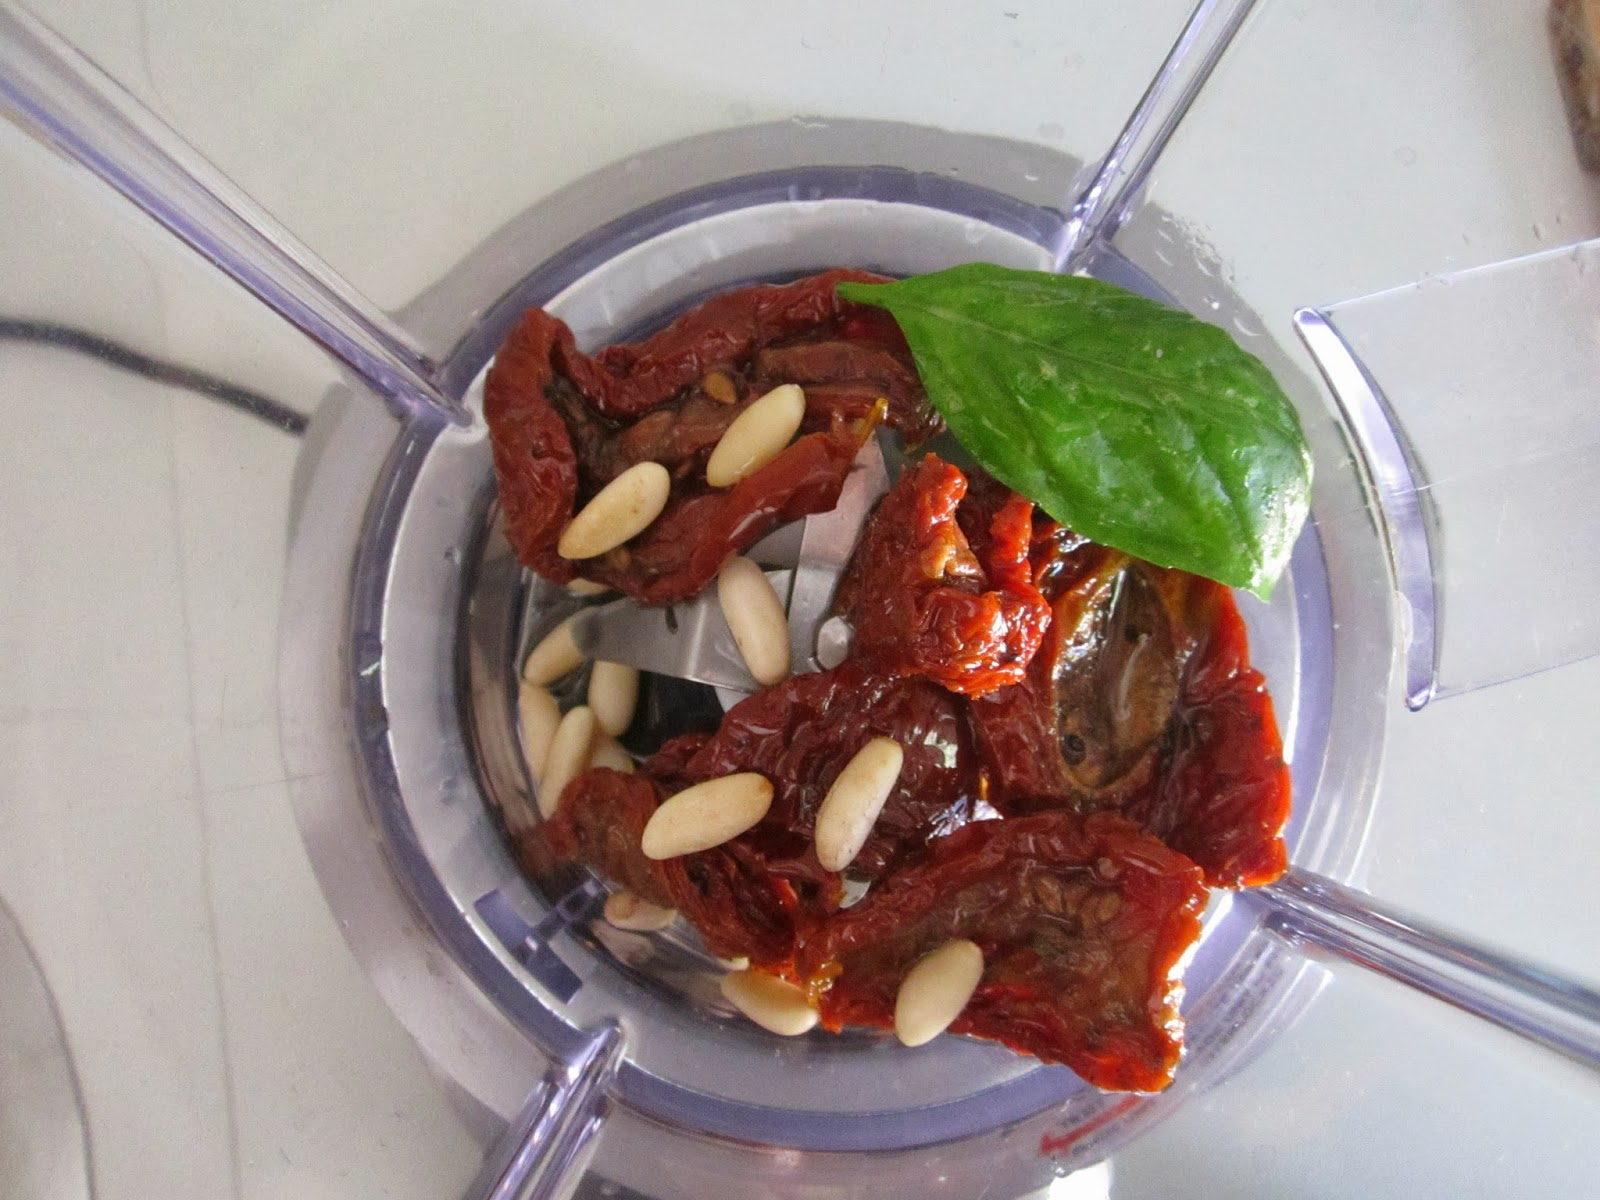 La Credenza Burrata : Torta salata con pesto di pomodori secchi porri e burrata cucina